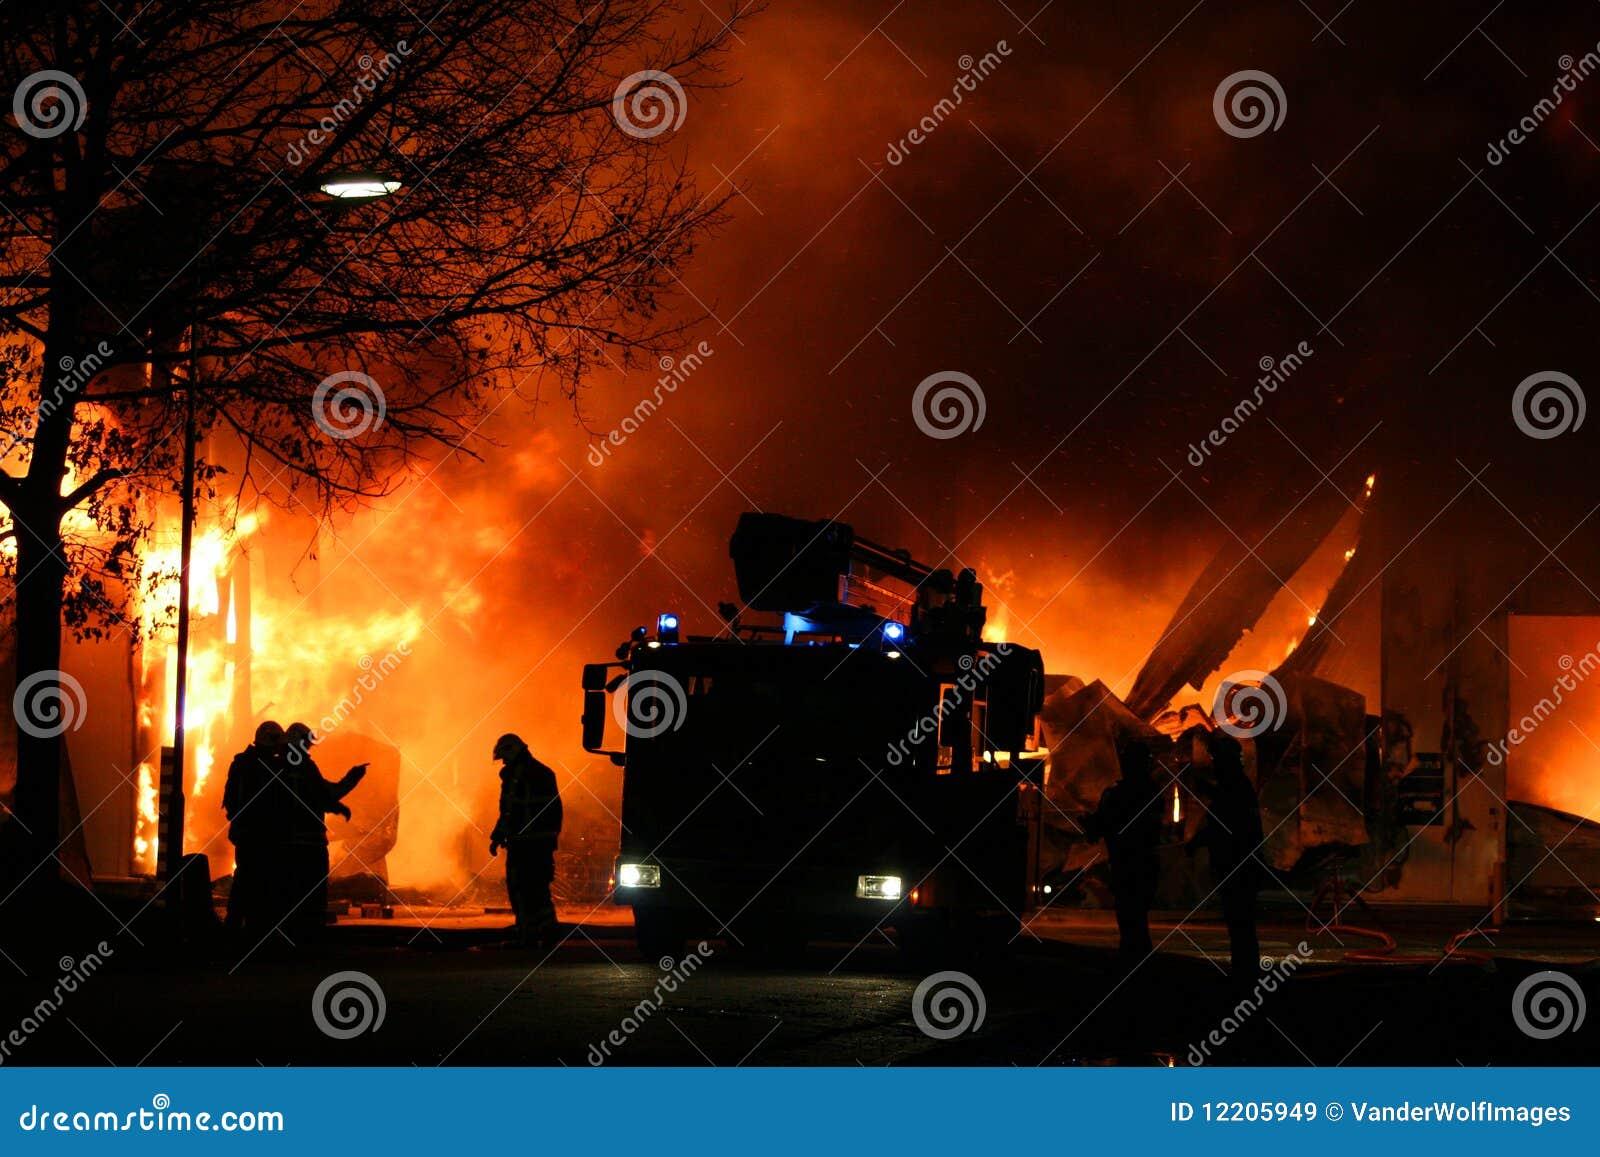 паровозные машинисты пожара бой